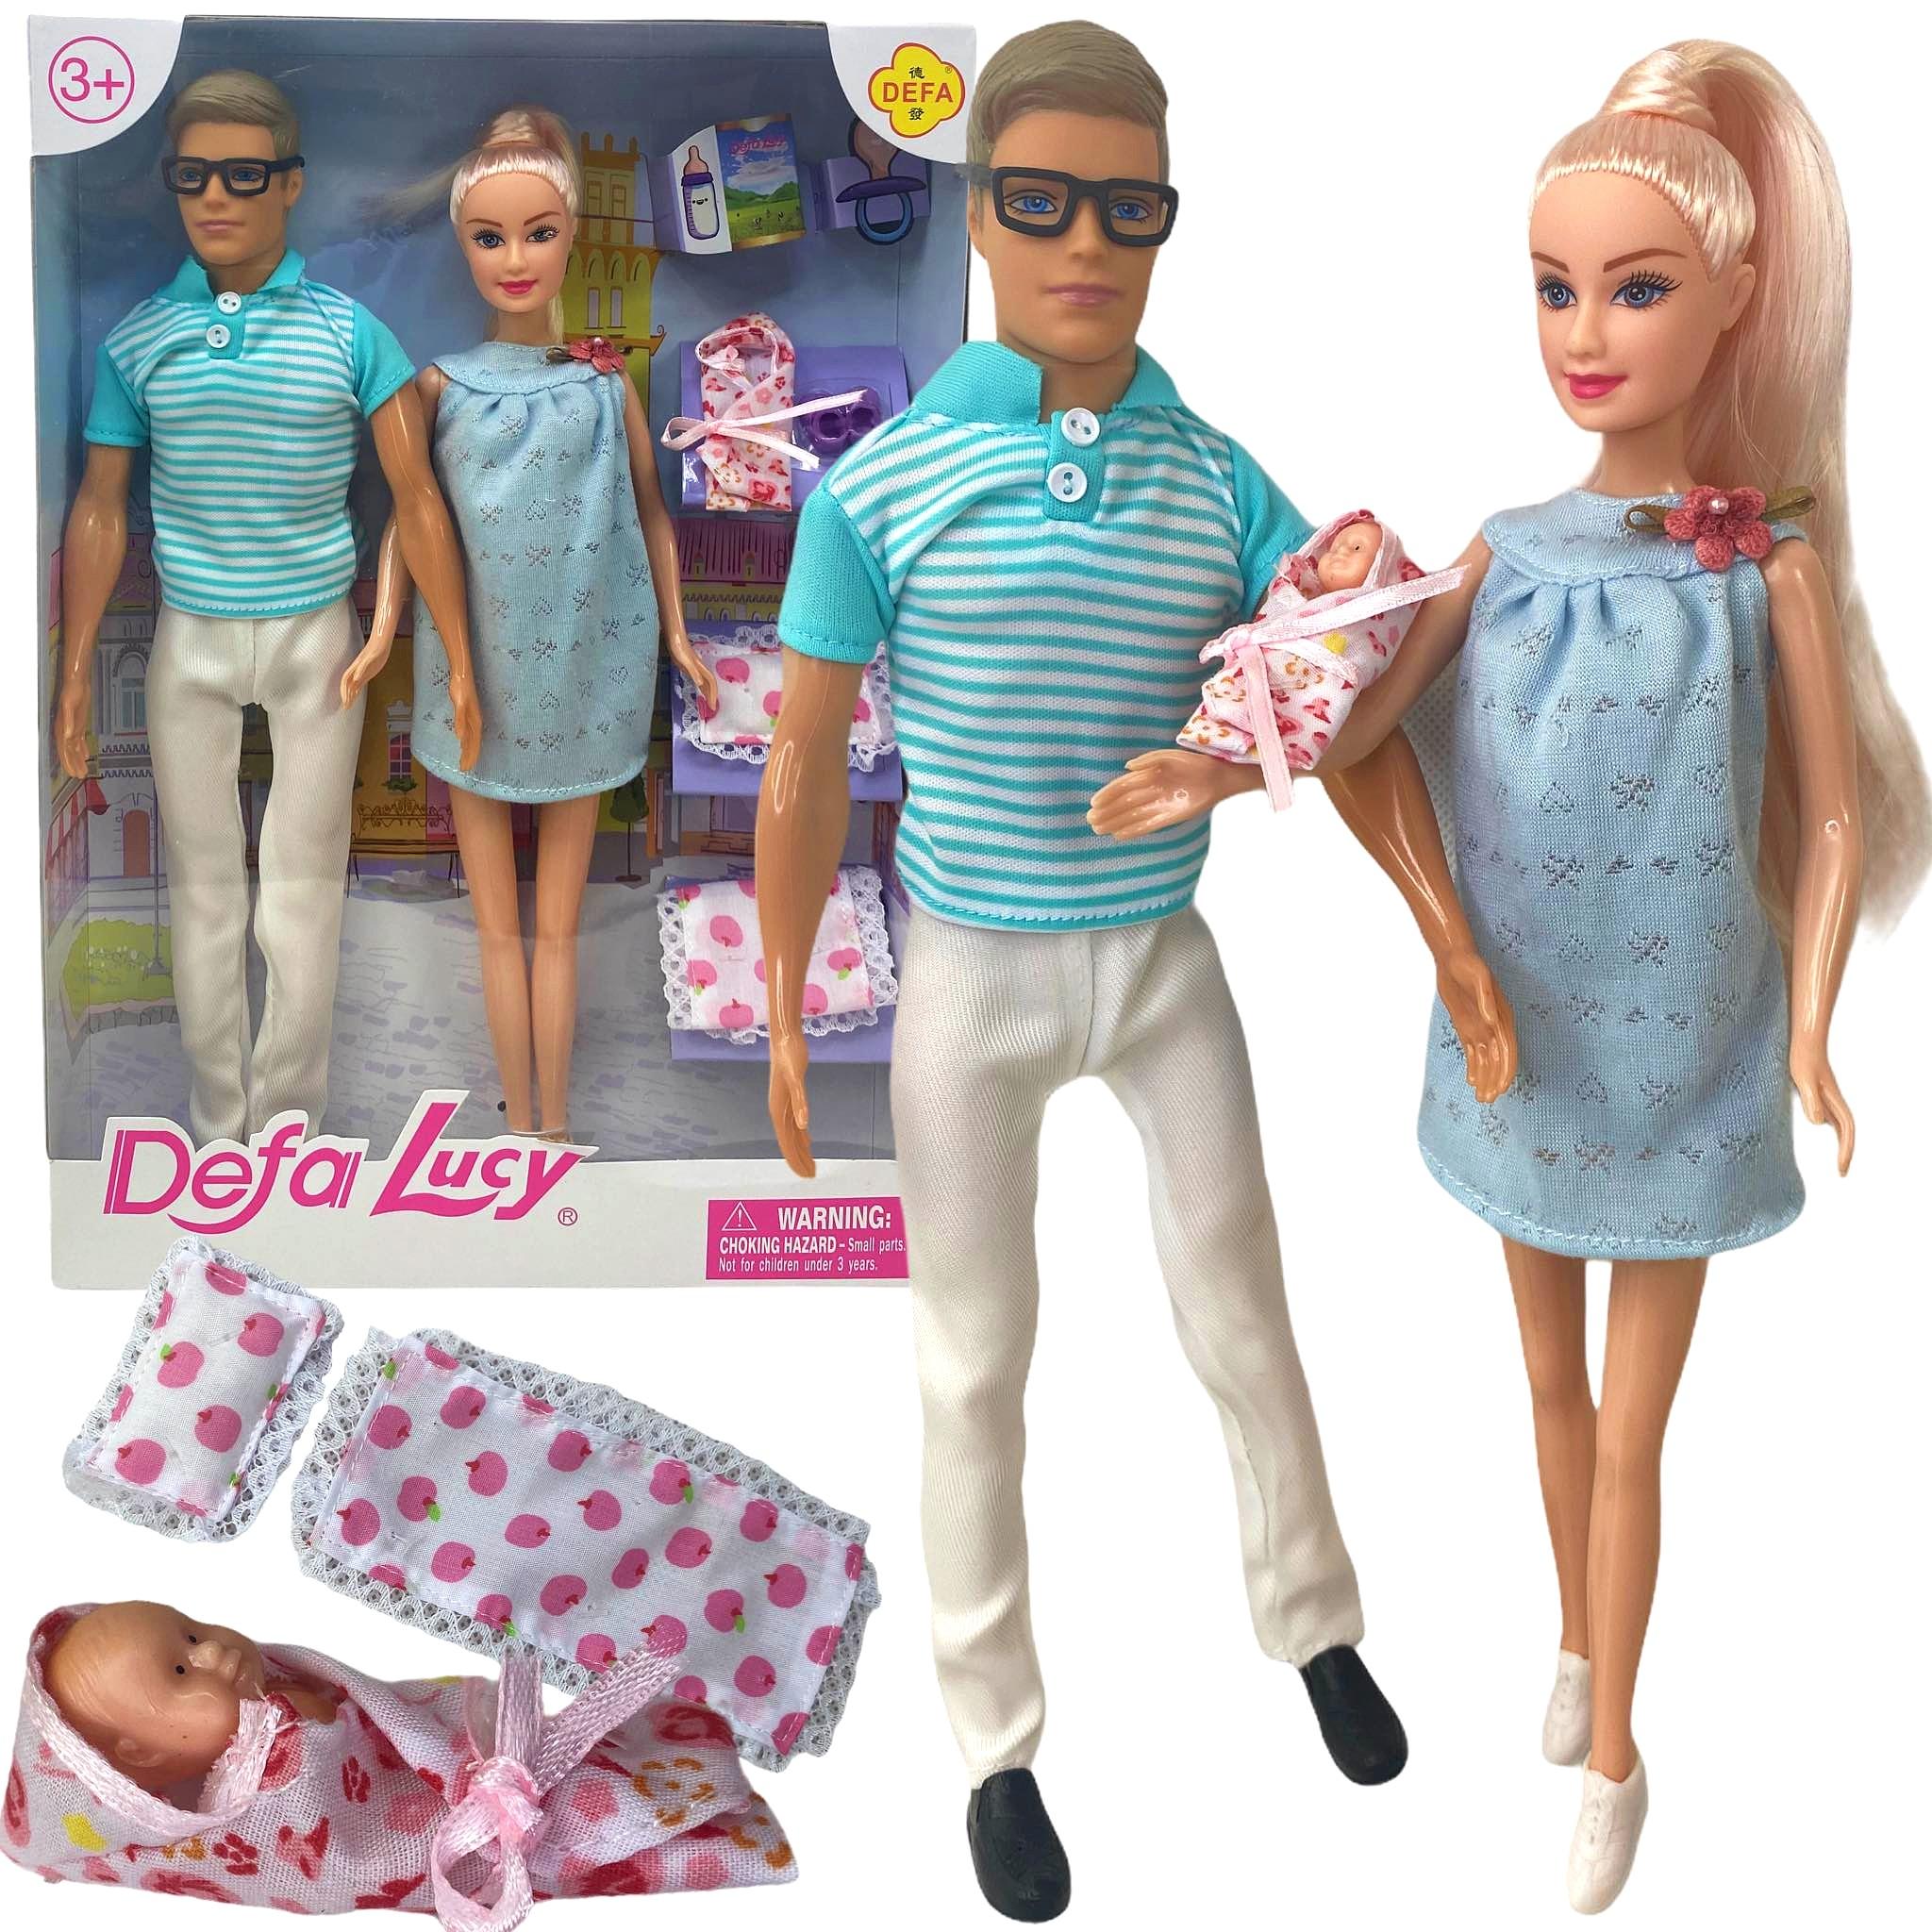 Lalka Barbie w ciąży z brzuszkiem KEN DZIECKO